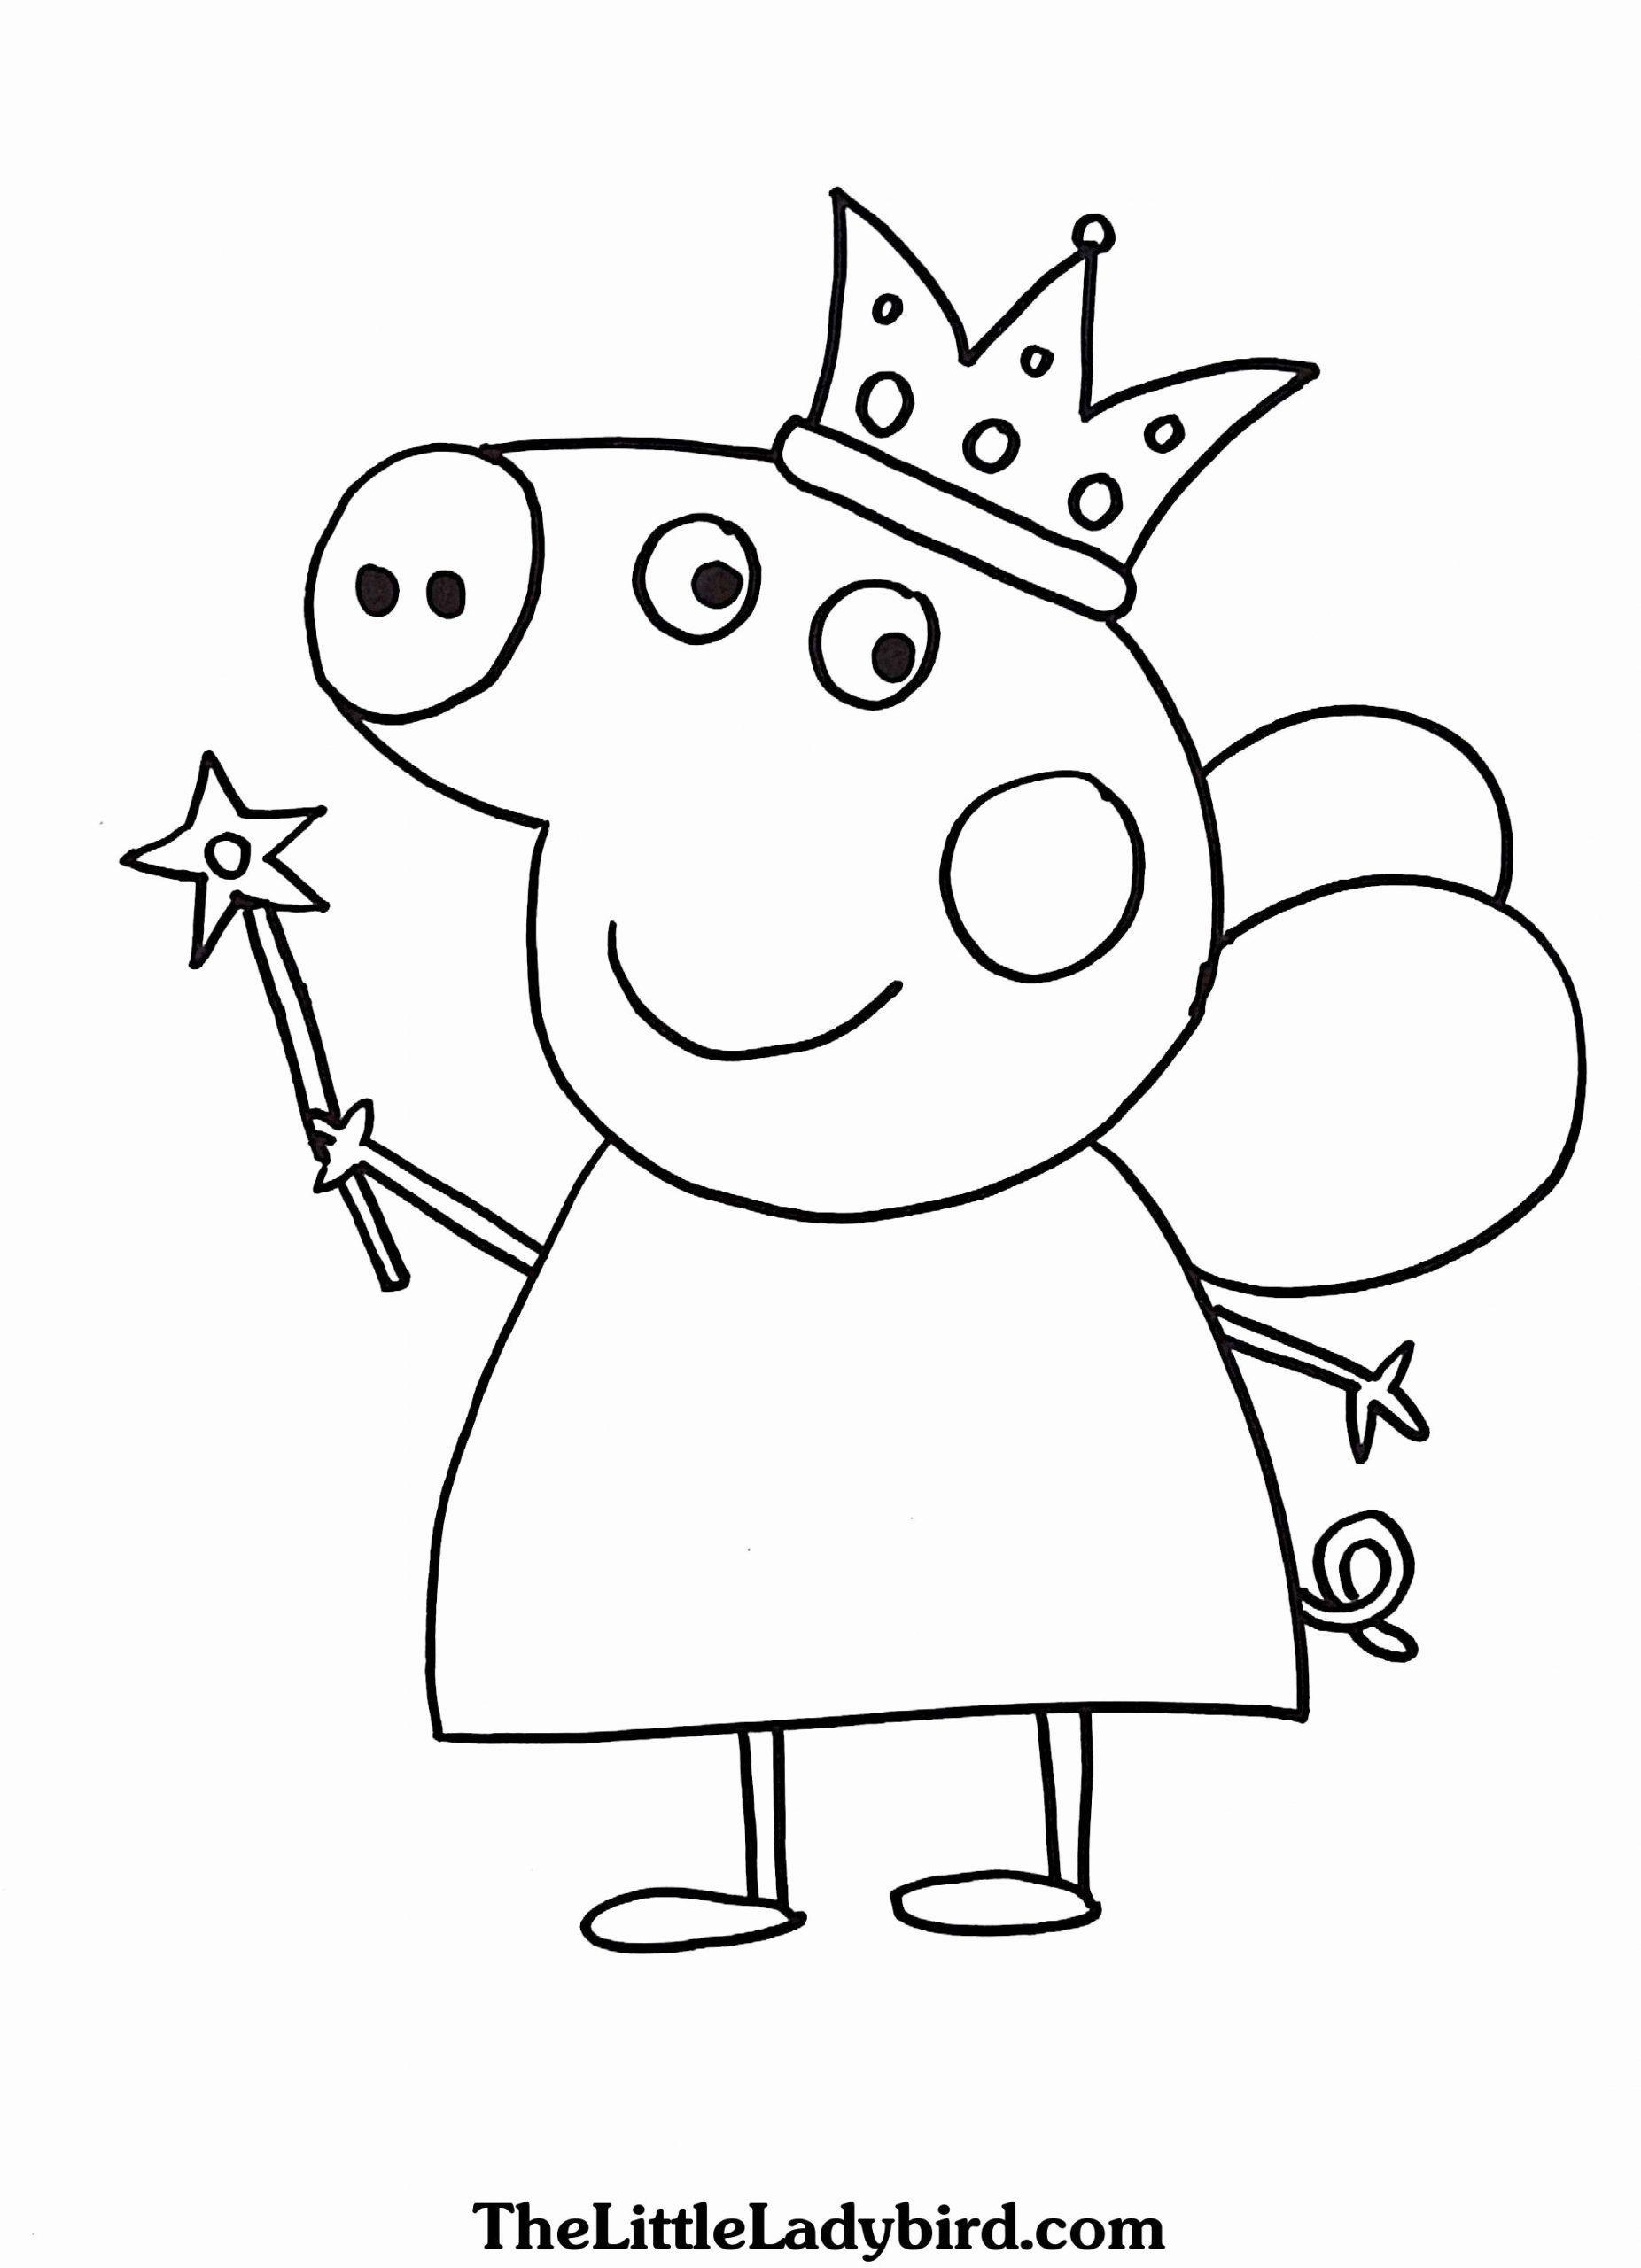 Peppa Pig Coloring Game Beautiful Peppa Pig Valentines Coloring Pages Peppa Pig Coloring Pages Peppa Pig Colouring Birthday Coloring Pages